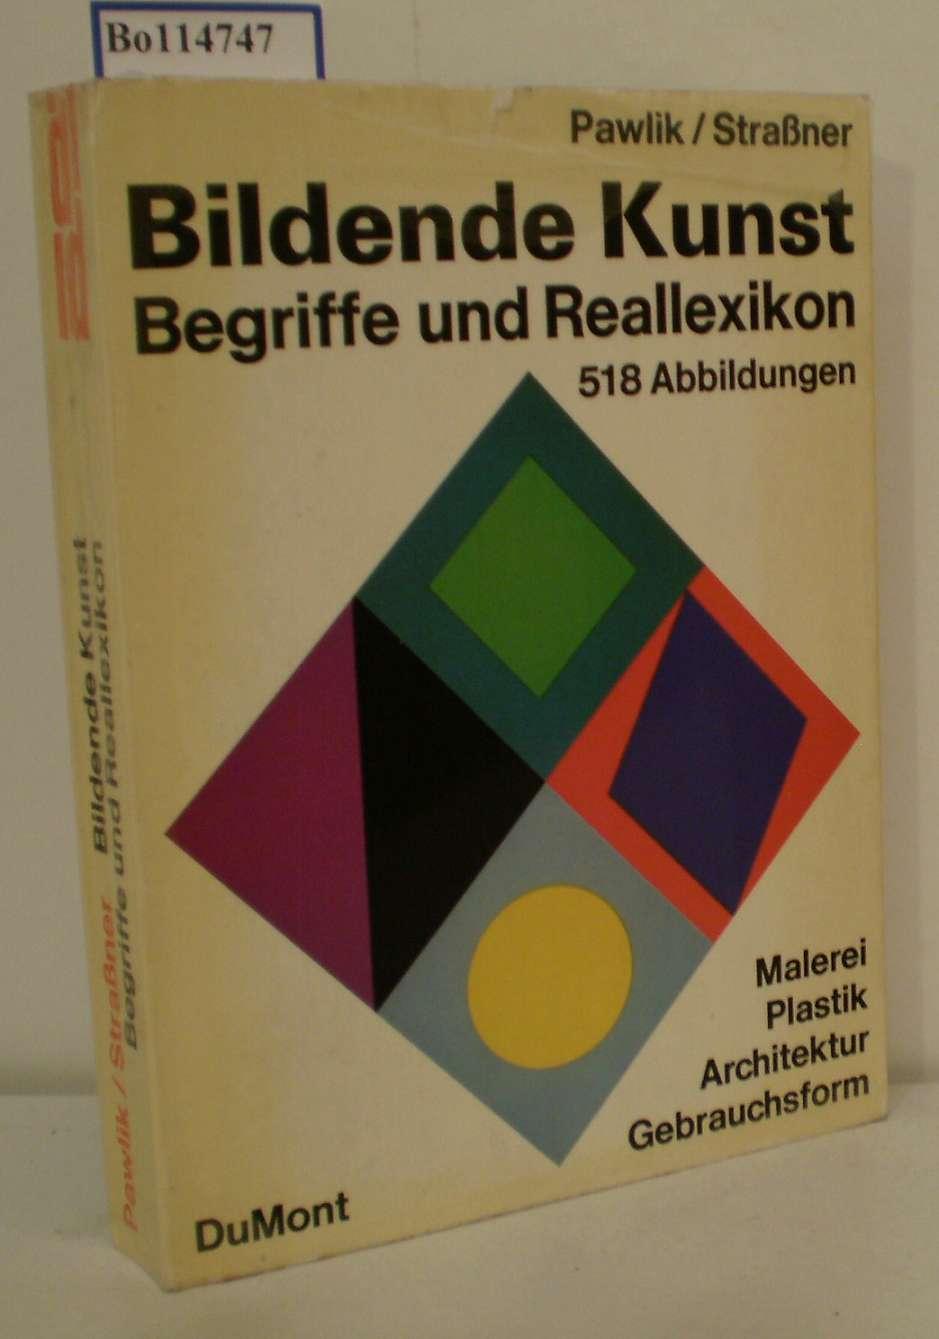 Bildende Kunst Begriffe u. Reallexikon Malerei, Plastik, Architektur, Gebrauchsform